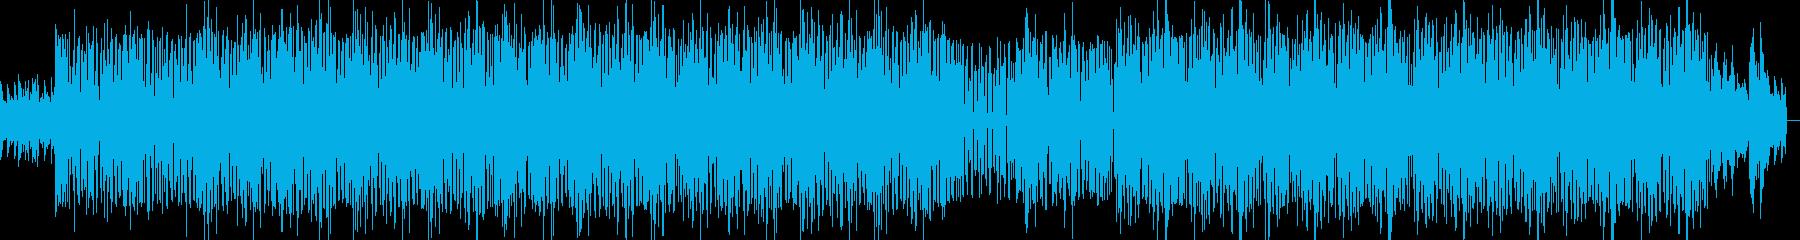 ピアノを使ったHIPHOPインストの再生済みの波形